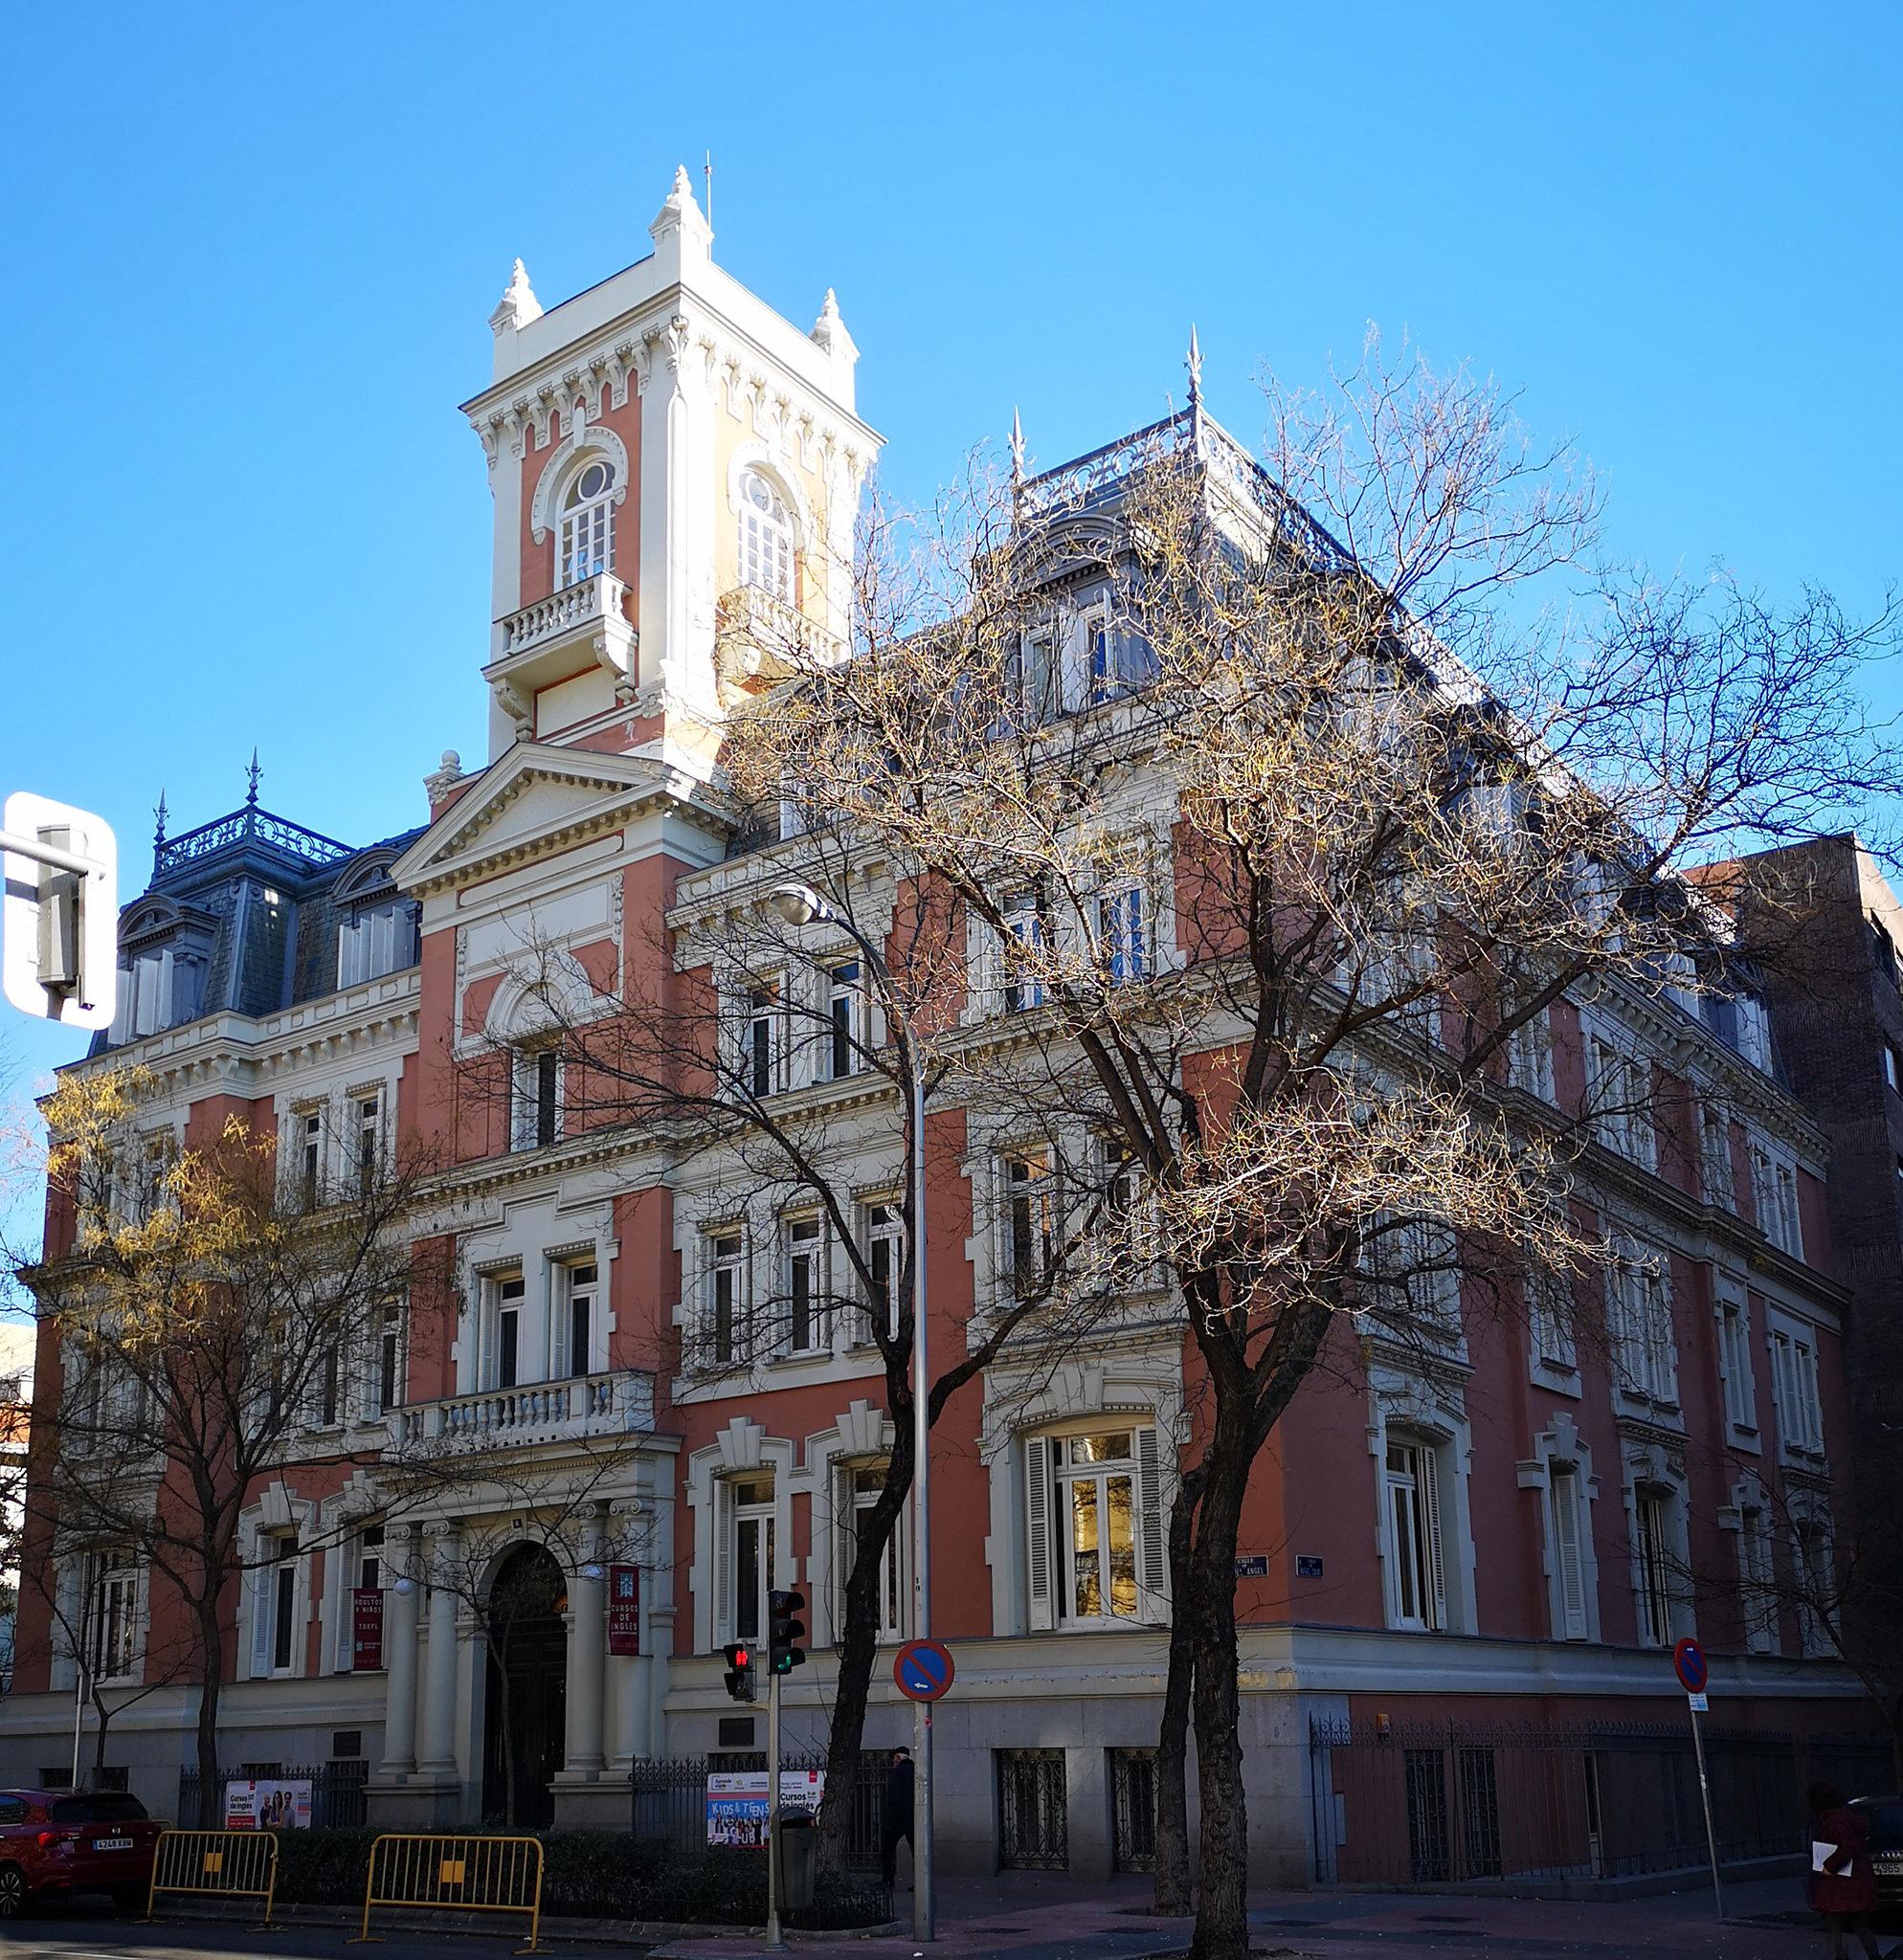 edificio Instituto Internacional americano calle Miguel Angel Madrid 01